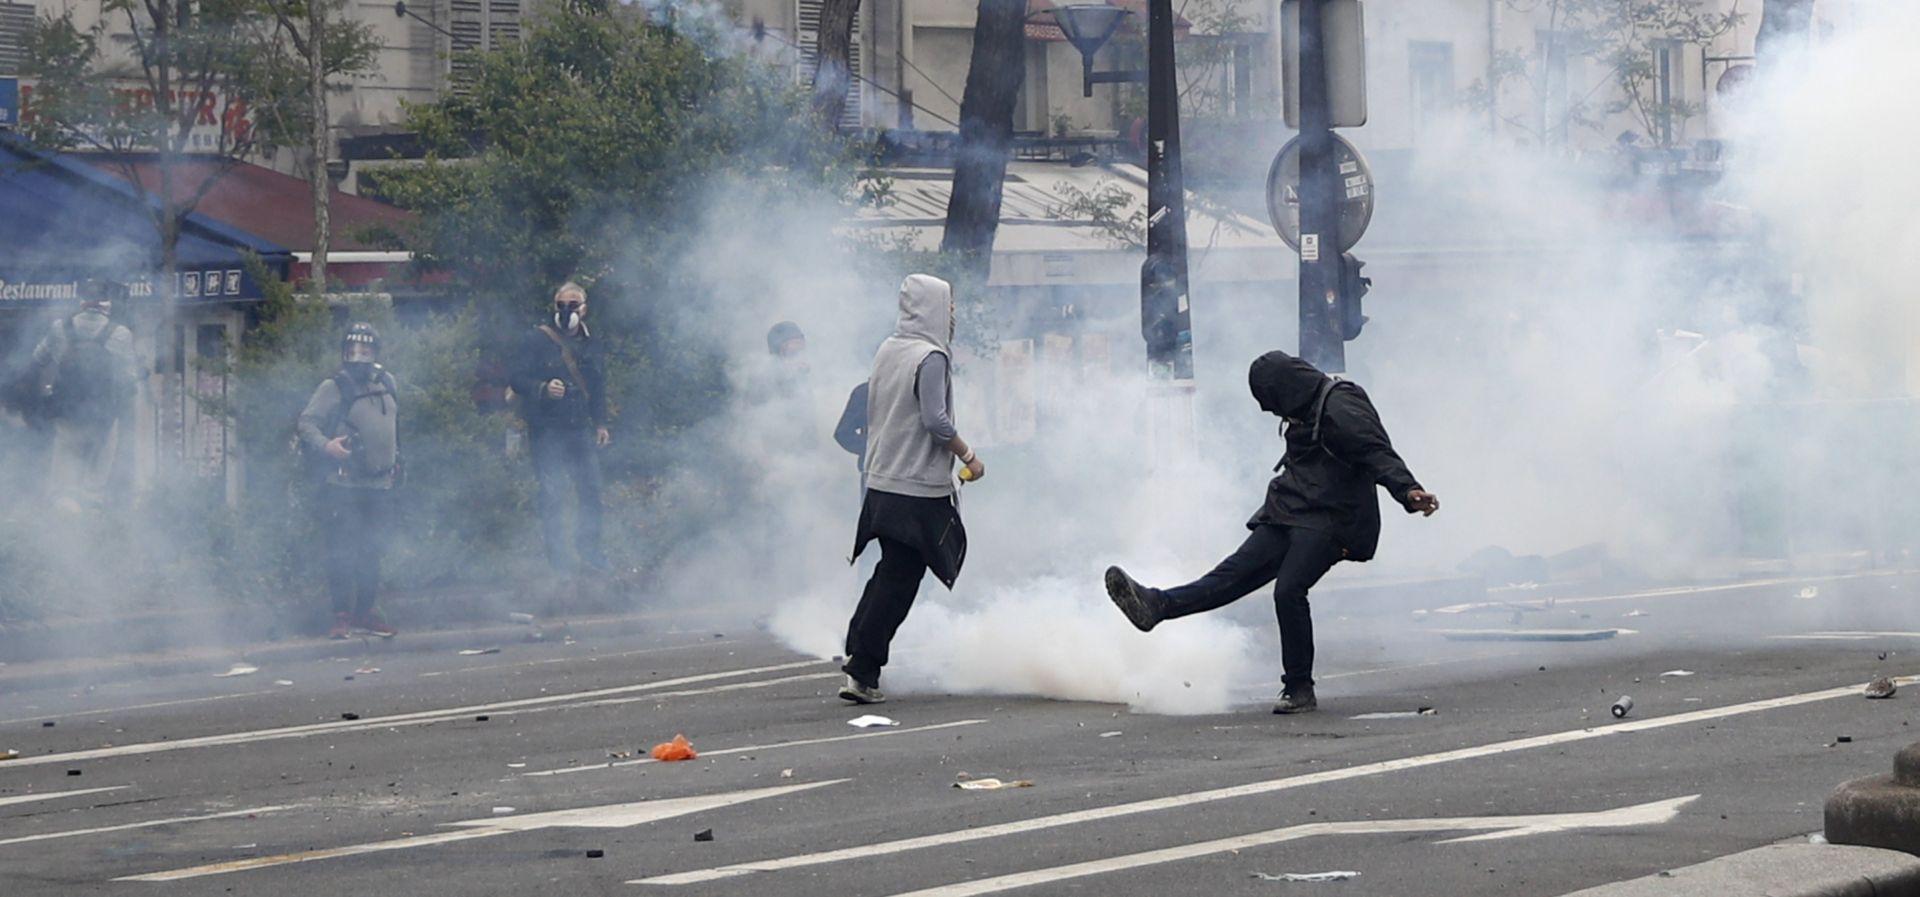 Više od 100 uhićenih u Francuskoj nakon prosvjeda 1. svibnja